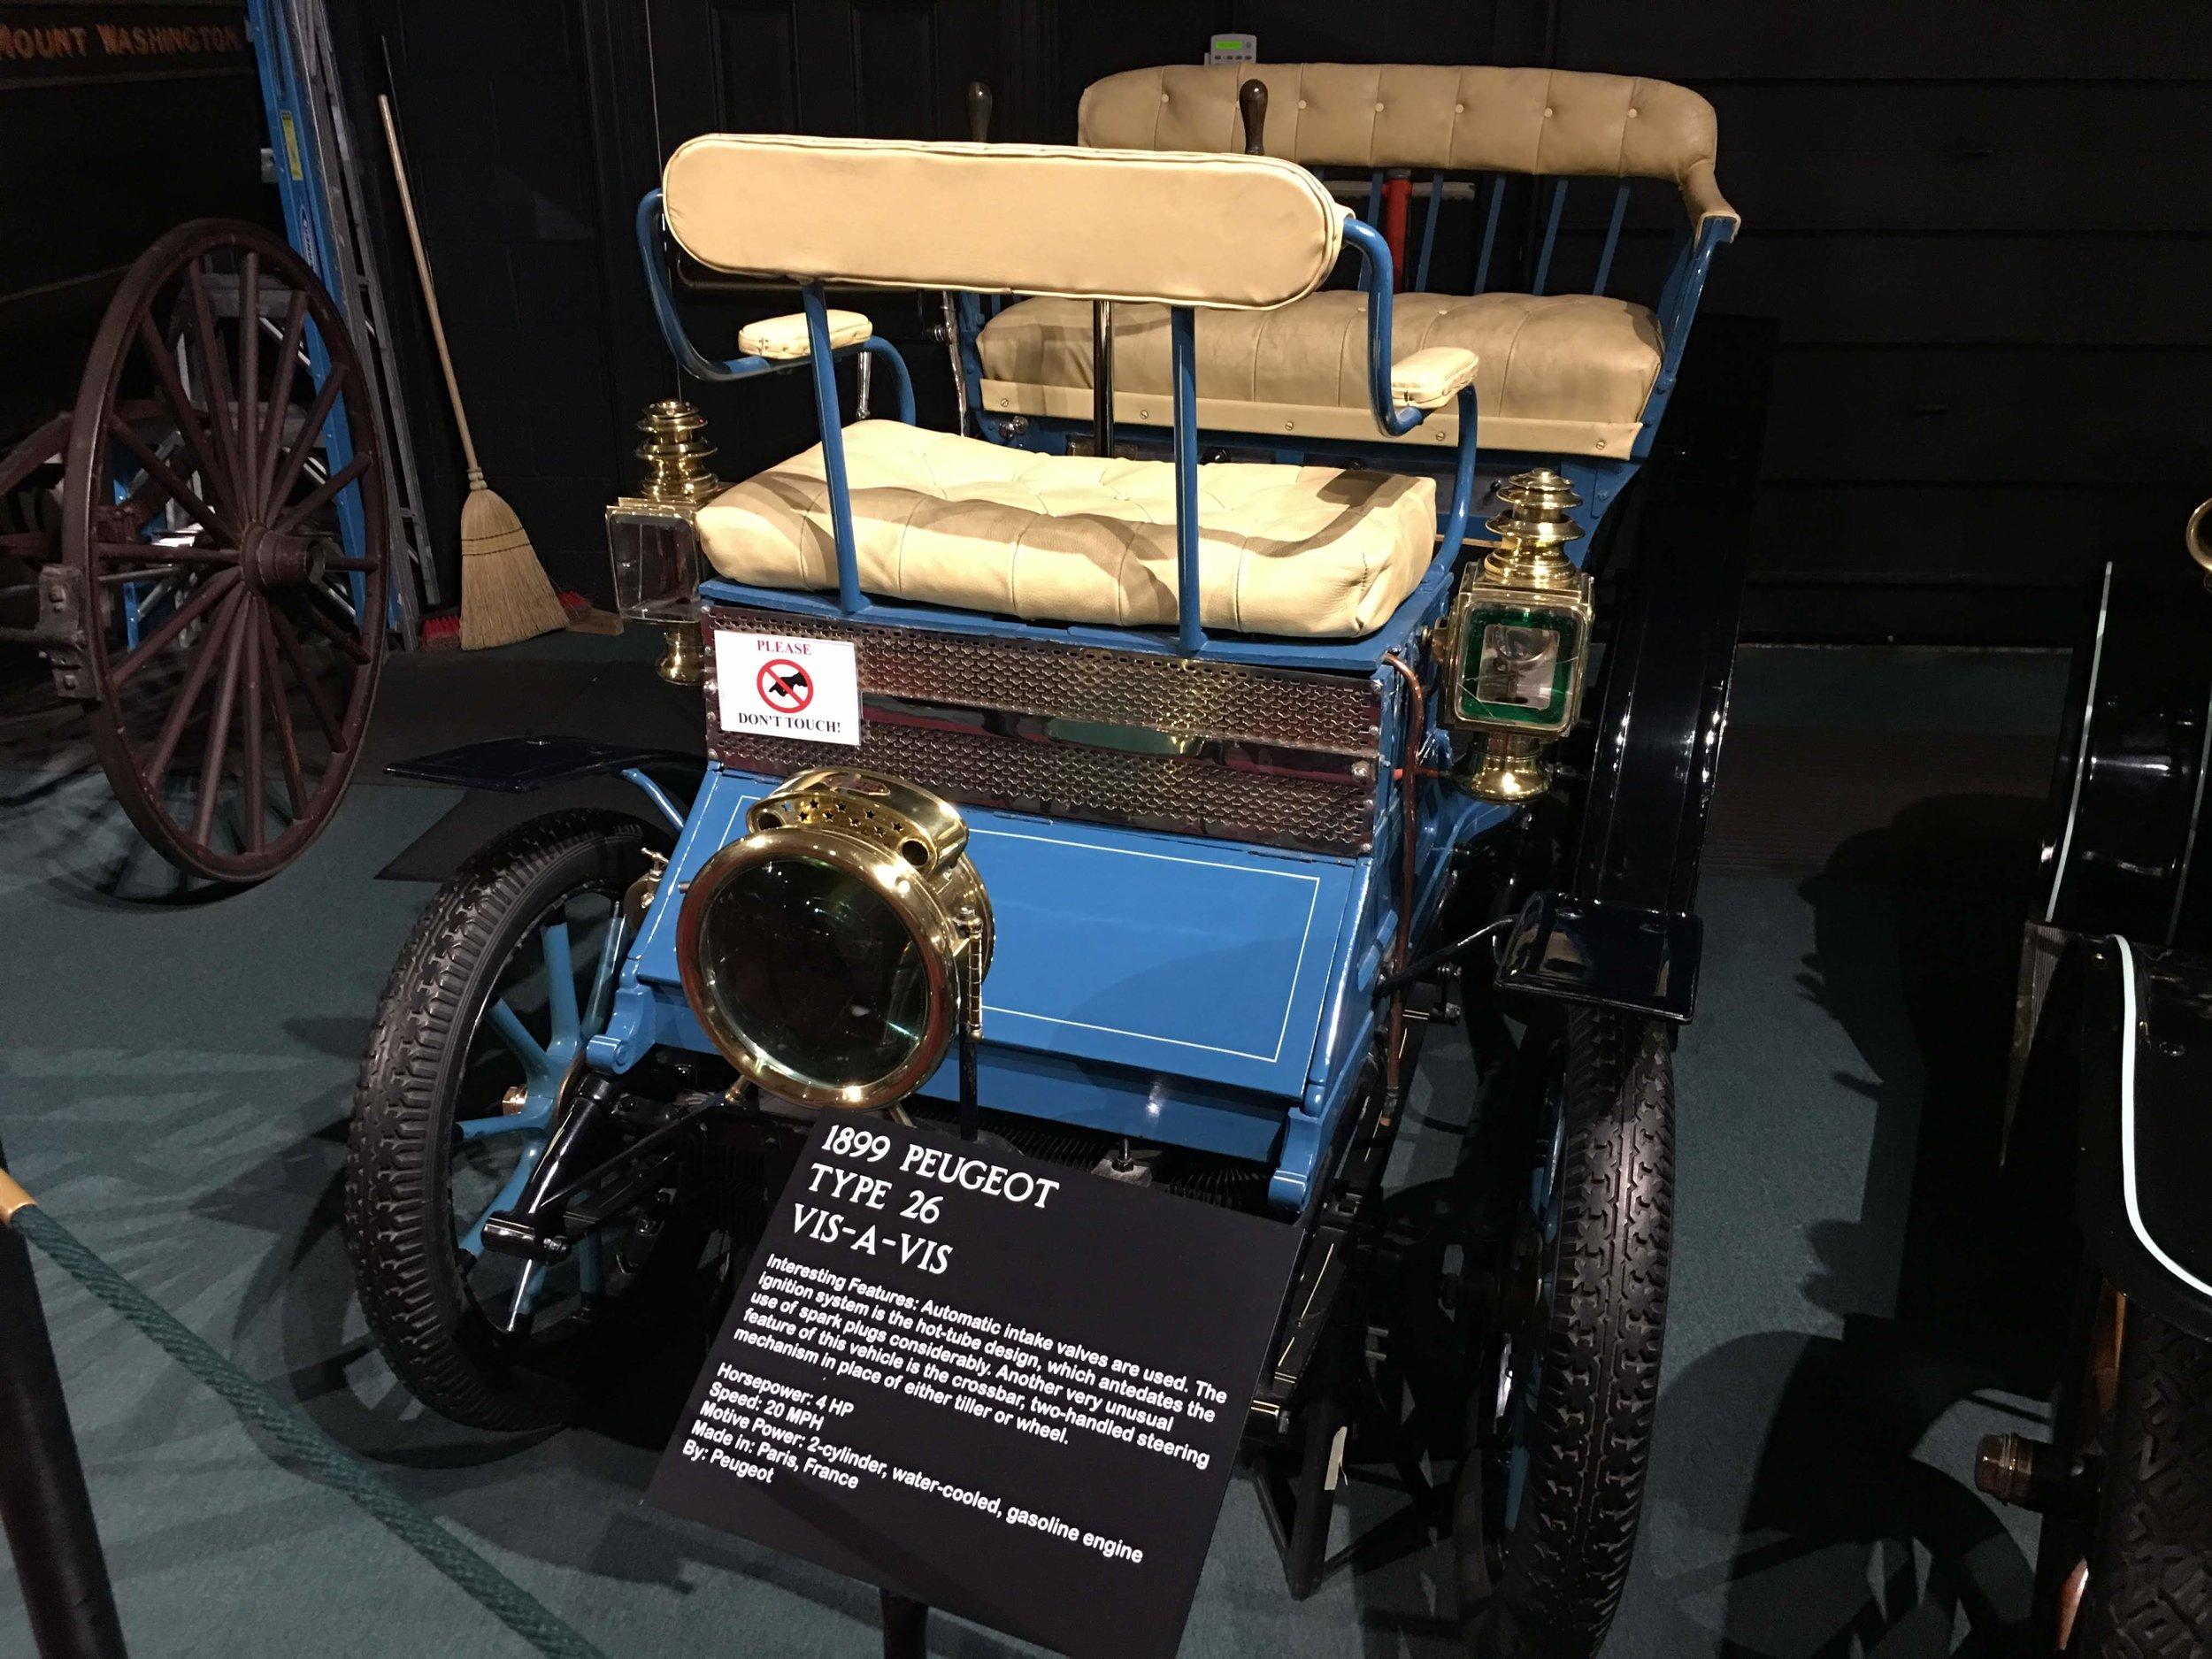 1899-Peugeot.JPG